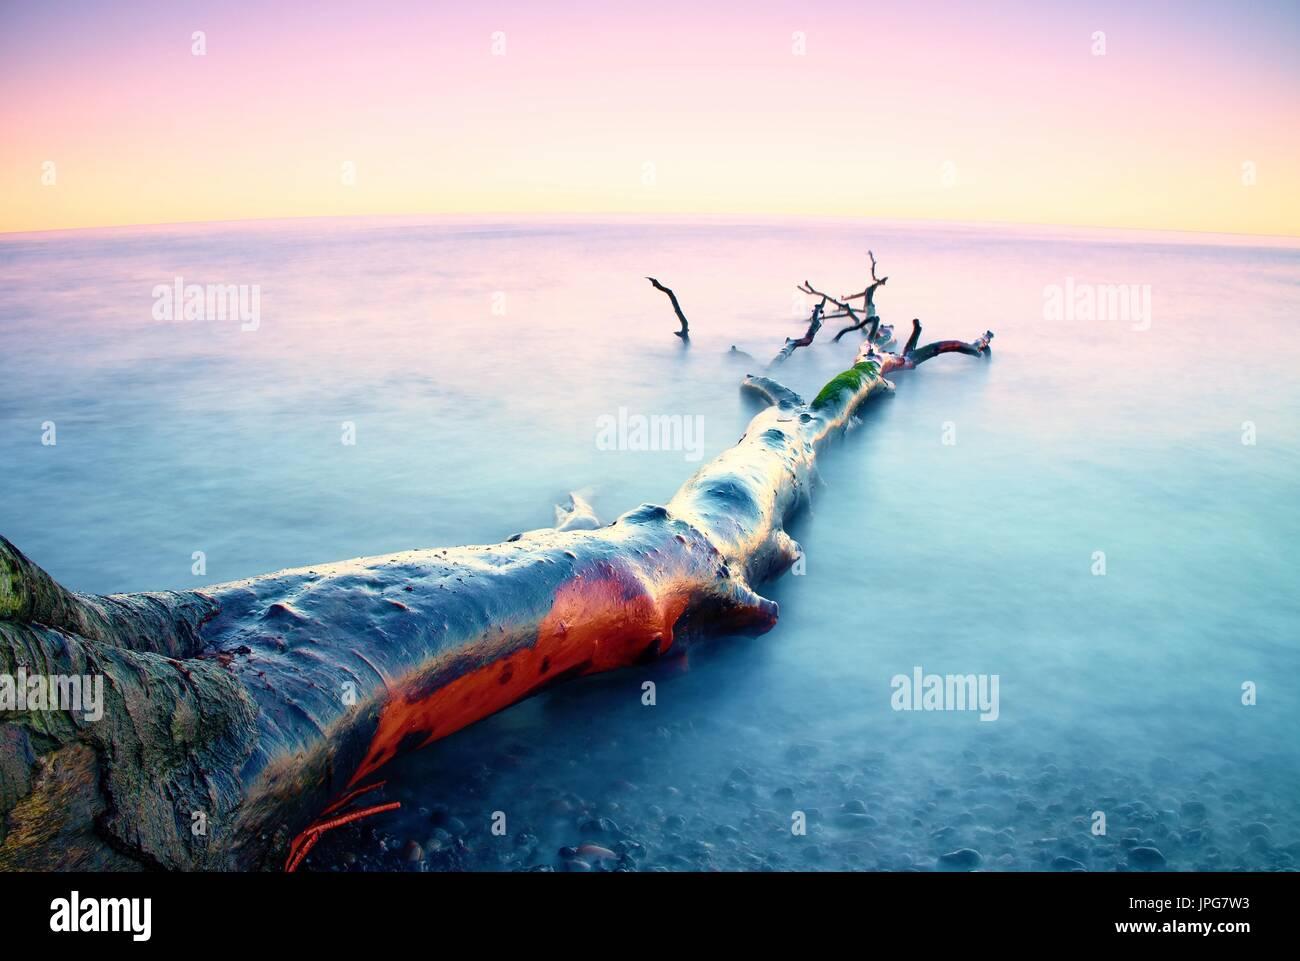 Romantico tramonto del tempo. Lonely albero caduto sul vuoto Costa sassosa. Rosa il cielo sopra la liscia smoky Foto Stock